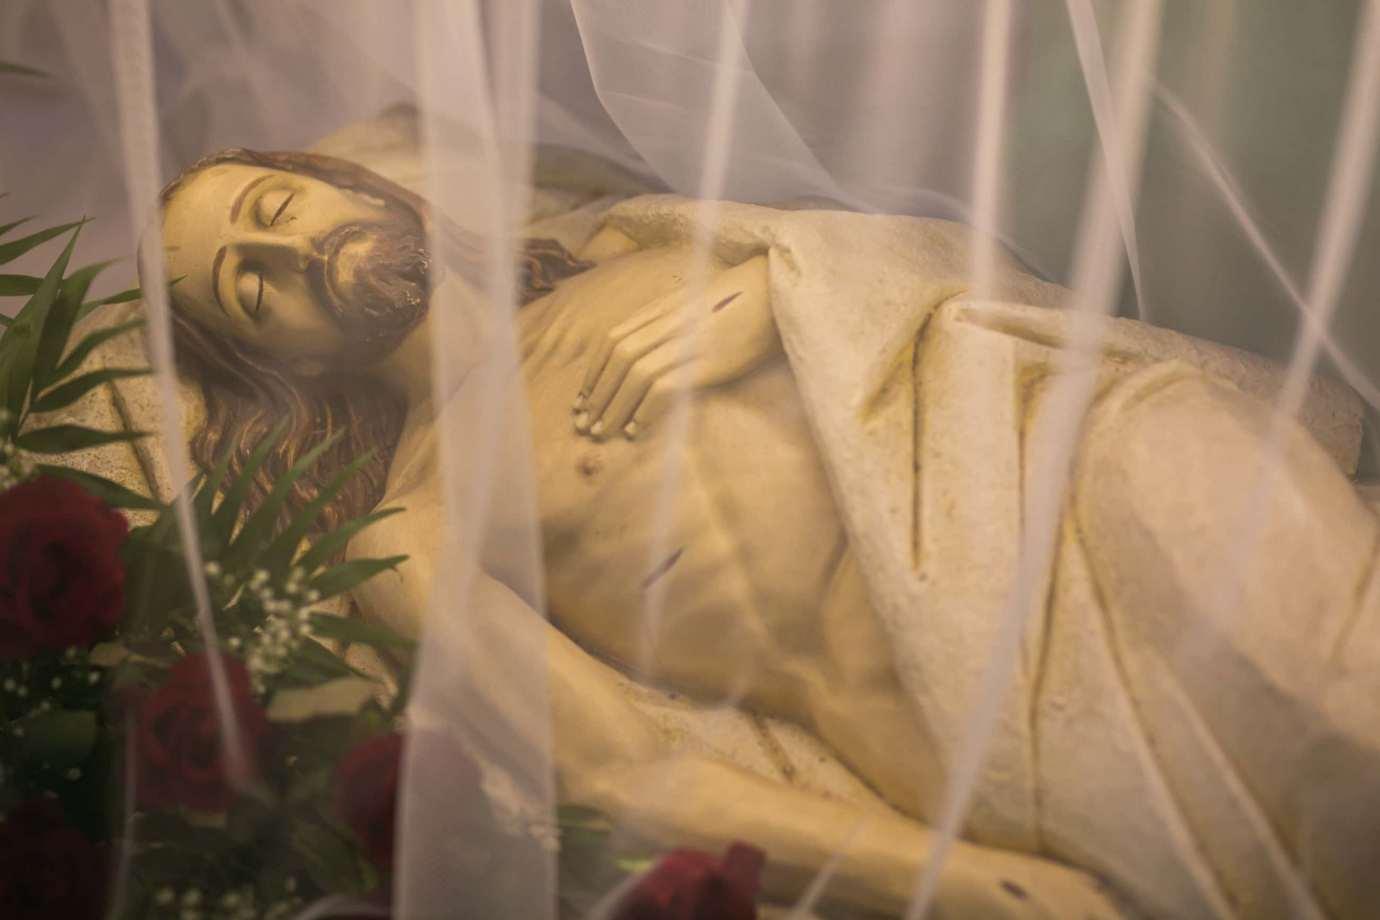 parafia katedralna zmartwychwstania panskiego i sw tomasza apostola w zamosciu 3a Zdjęcia grobów pańskich w zamojskich świątyniach